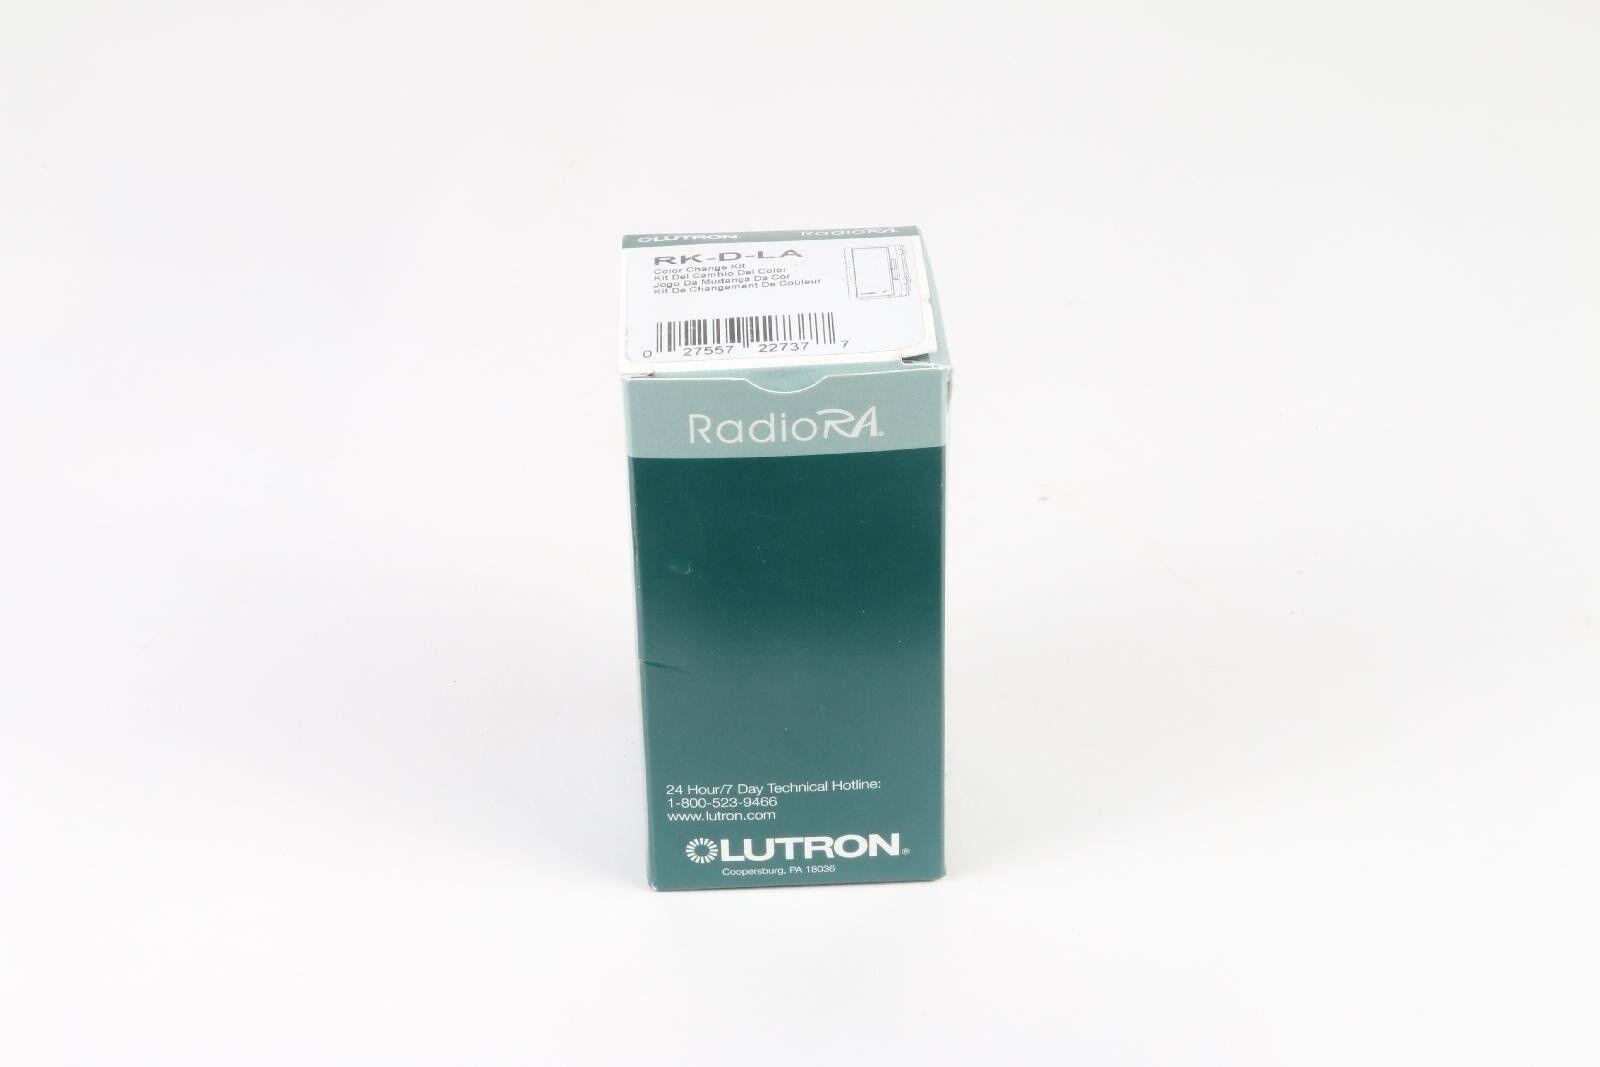 Lutron Rk-d-la Dimmer Color Change Kit for RadioRA 2 Homeworks QS ...